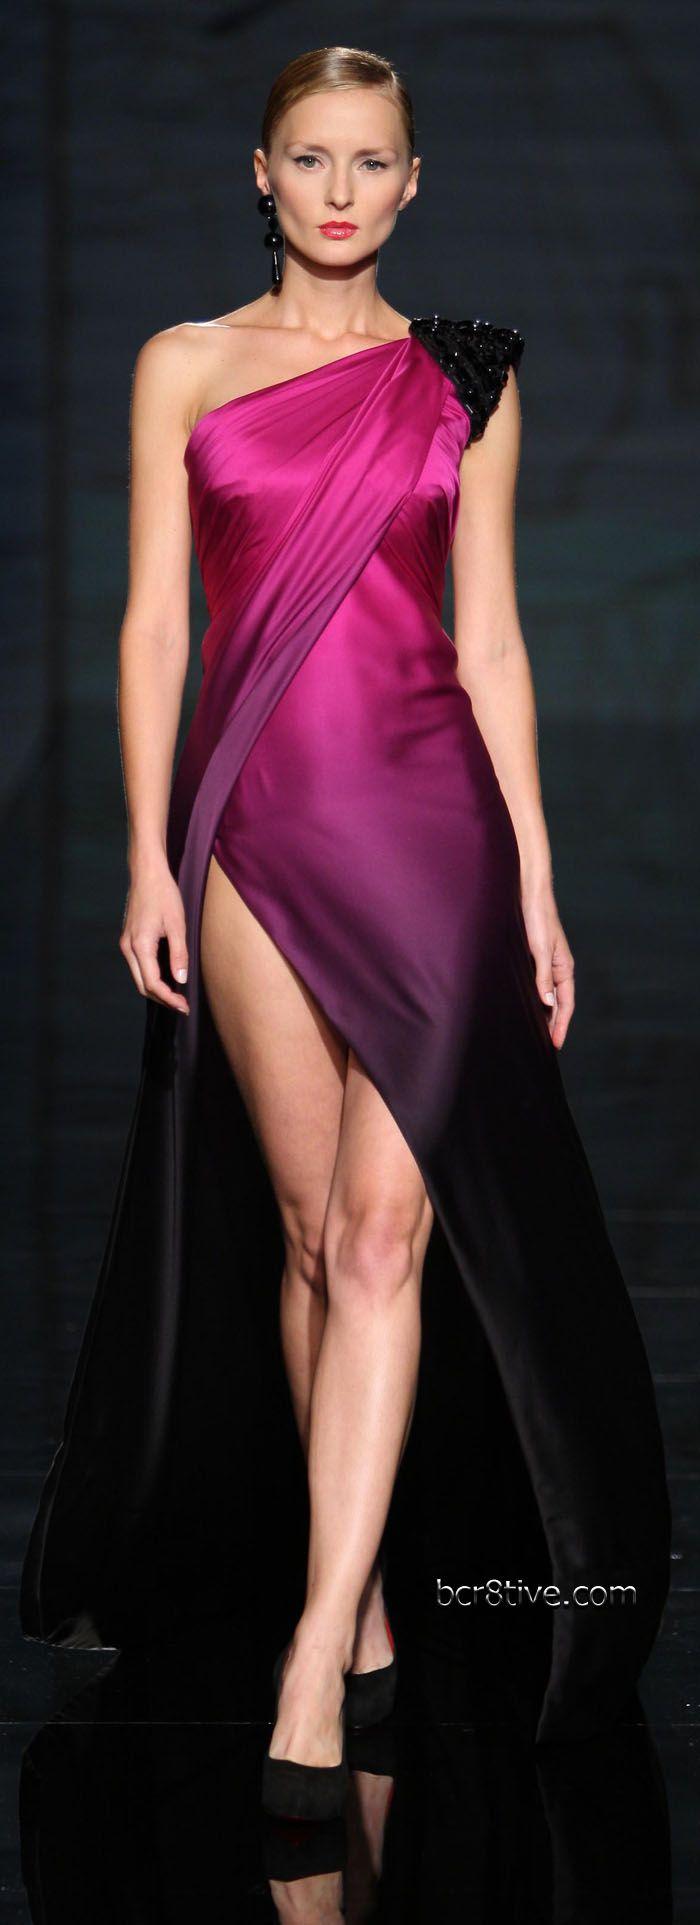 Fausto Sarli Couture - Fall Winter 2009  #josephine#vogel